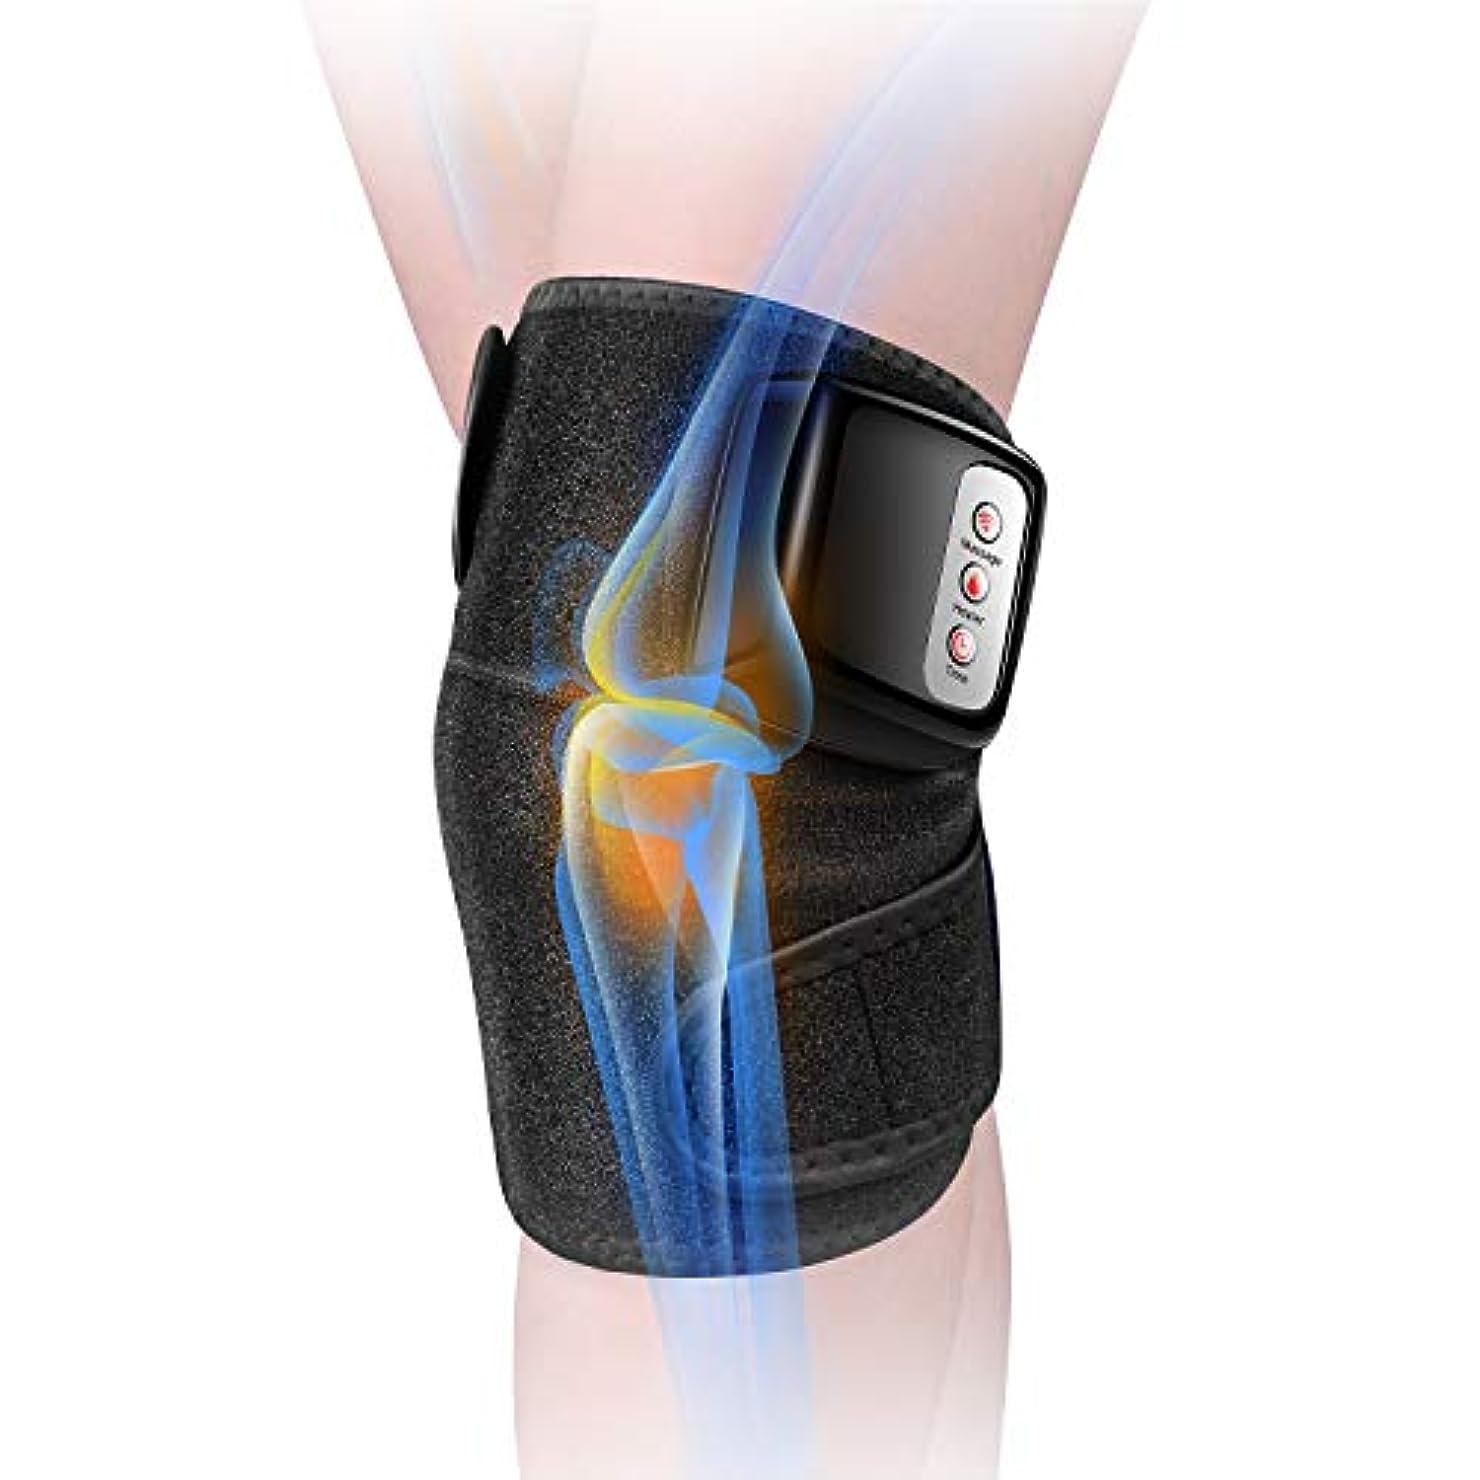 合意終わらせる判定膝マッサージャー 関節マッサージャー マッサージ器 フットマッサージャー 振動 赤外線療法 温熱療法 膝サポーター ストレス解消 肩 太もも/腕対応